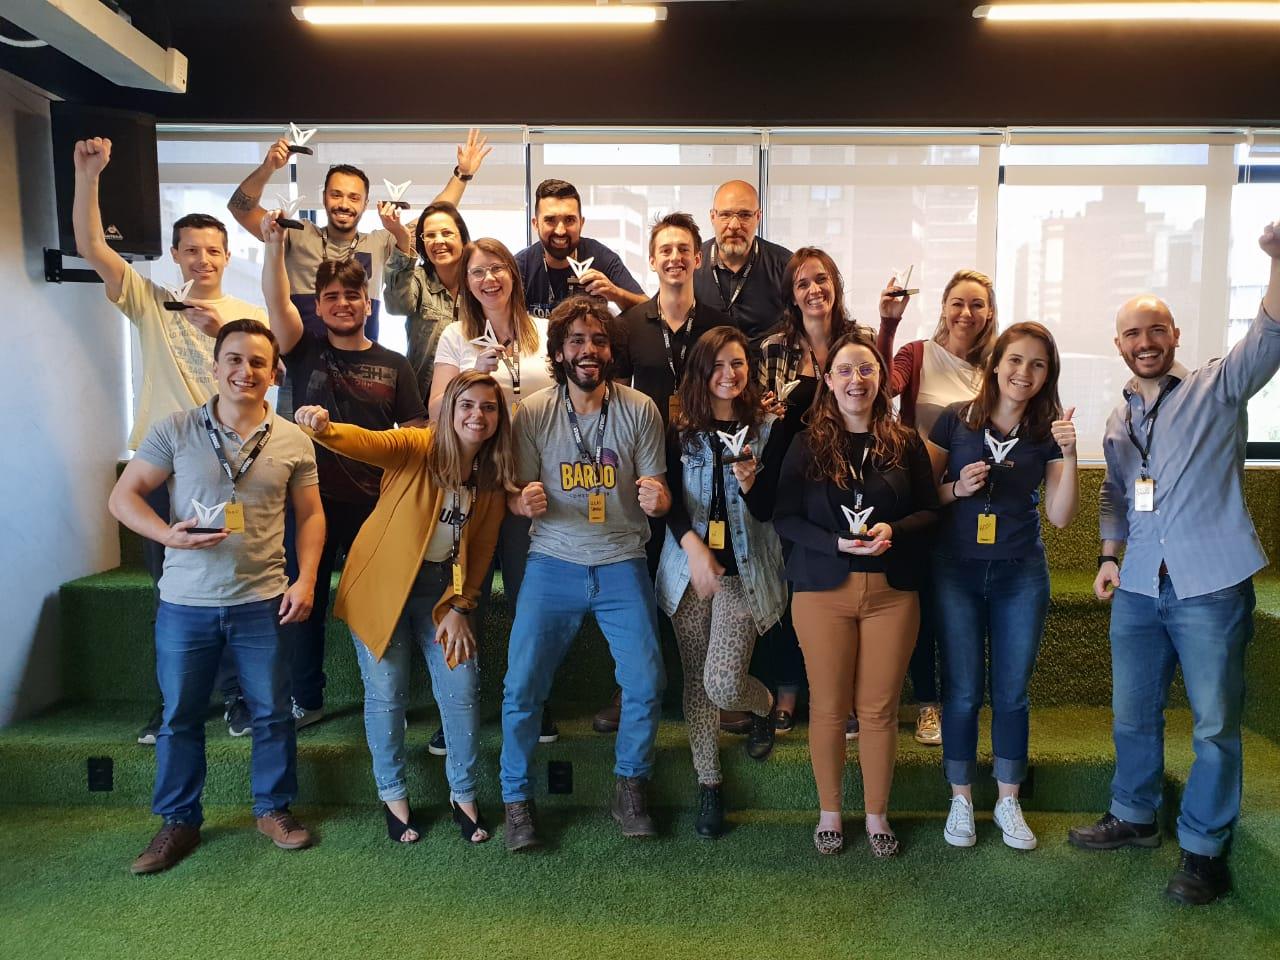 Com metodologia própria, a Escola Conquer já atendeu mais de 8 mil alunos e conta com seis unidades no Brasil (Foto: Conquer/Arquivo)